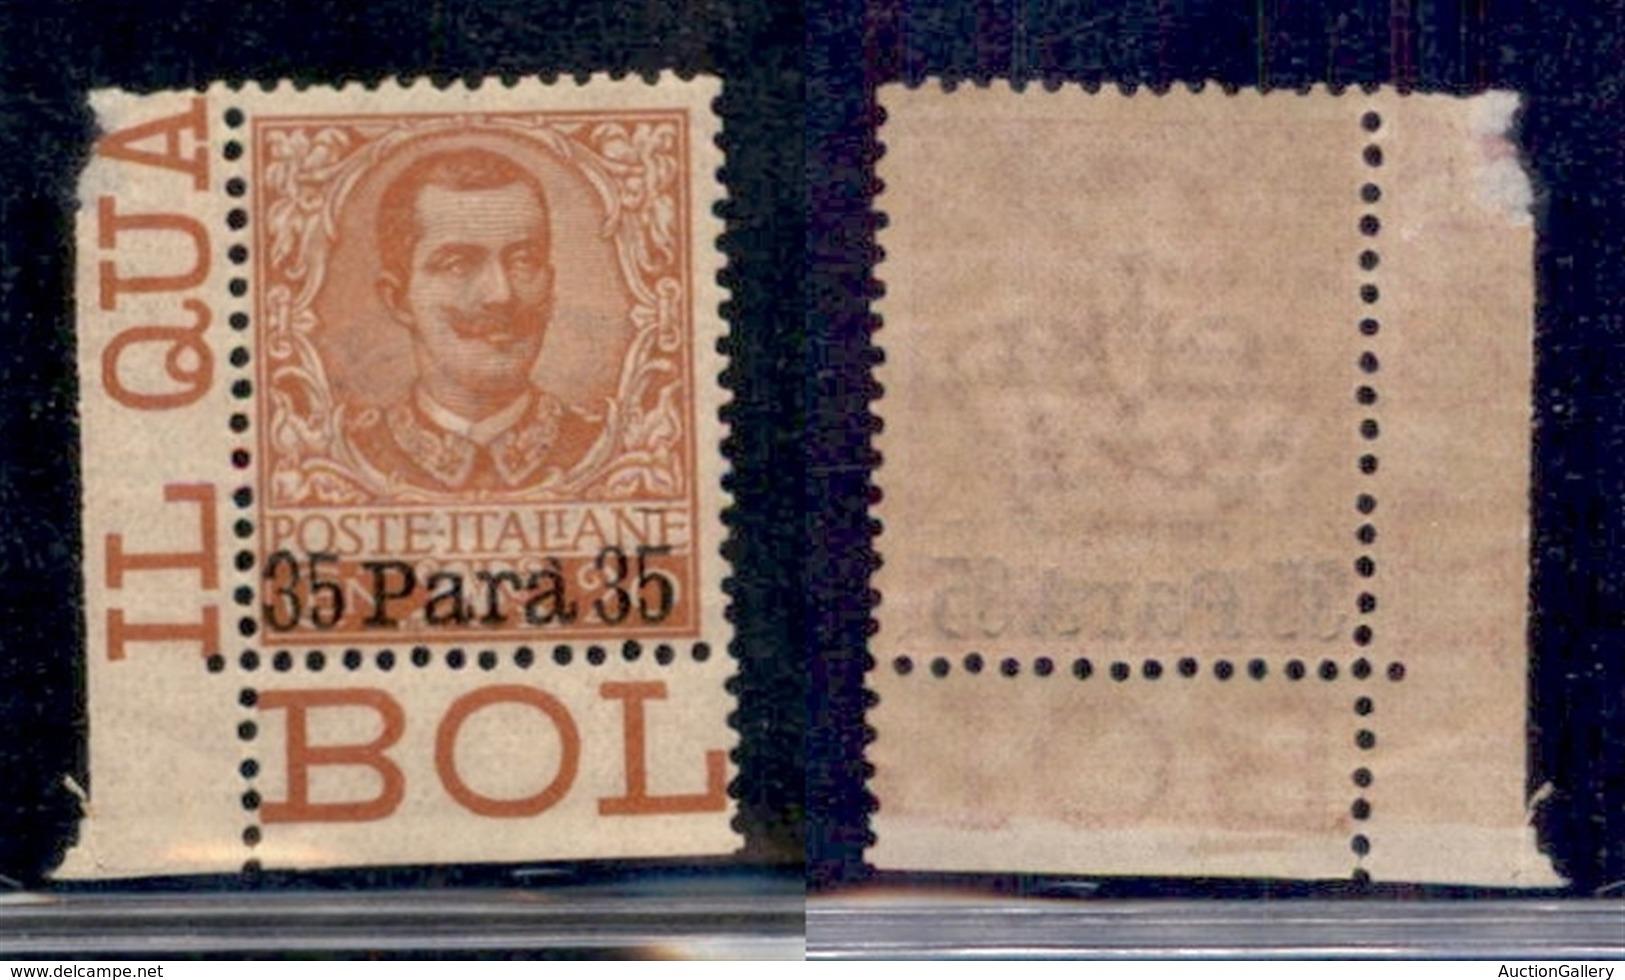 UFFICI POSTALI ALL'ESTERO - Levante - Albania - 1902 - 35 Para Su 20 Cent (5) Angolo Di Foglio - Gomma Integra - Stamps